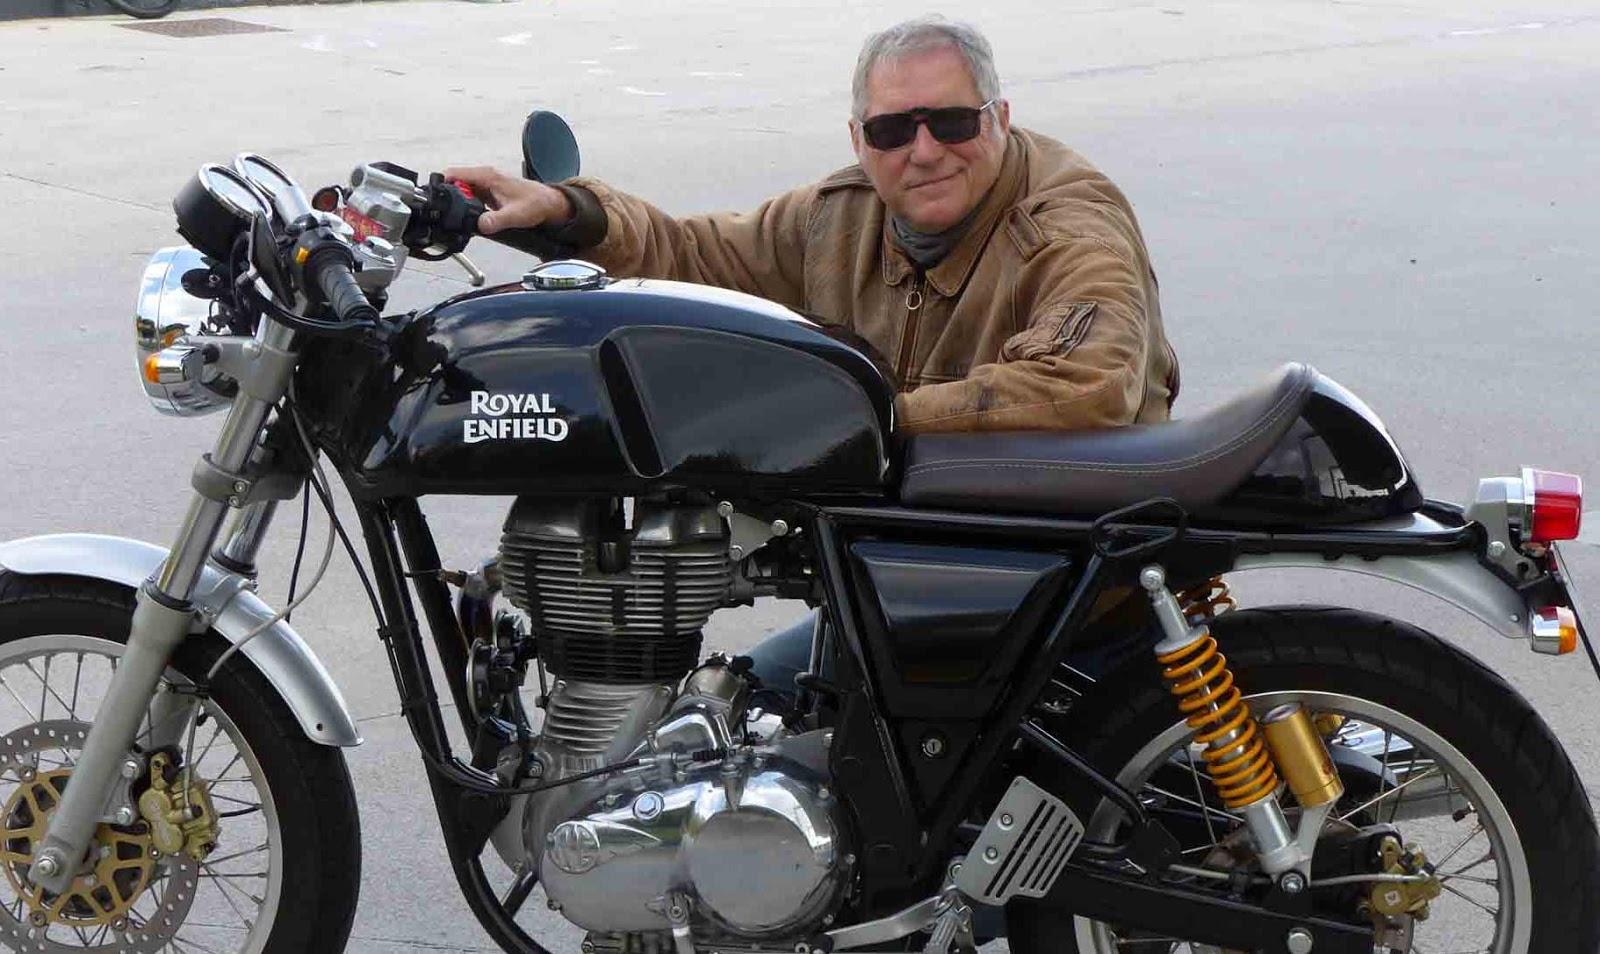 Neumático Sin Cámara Reino Unido Nuevo 6PCS Kit de reparación de pinchazos de emergencia Coche Furgoneta Motocicleta Herramienta